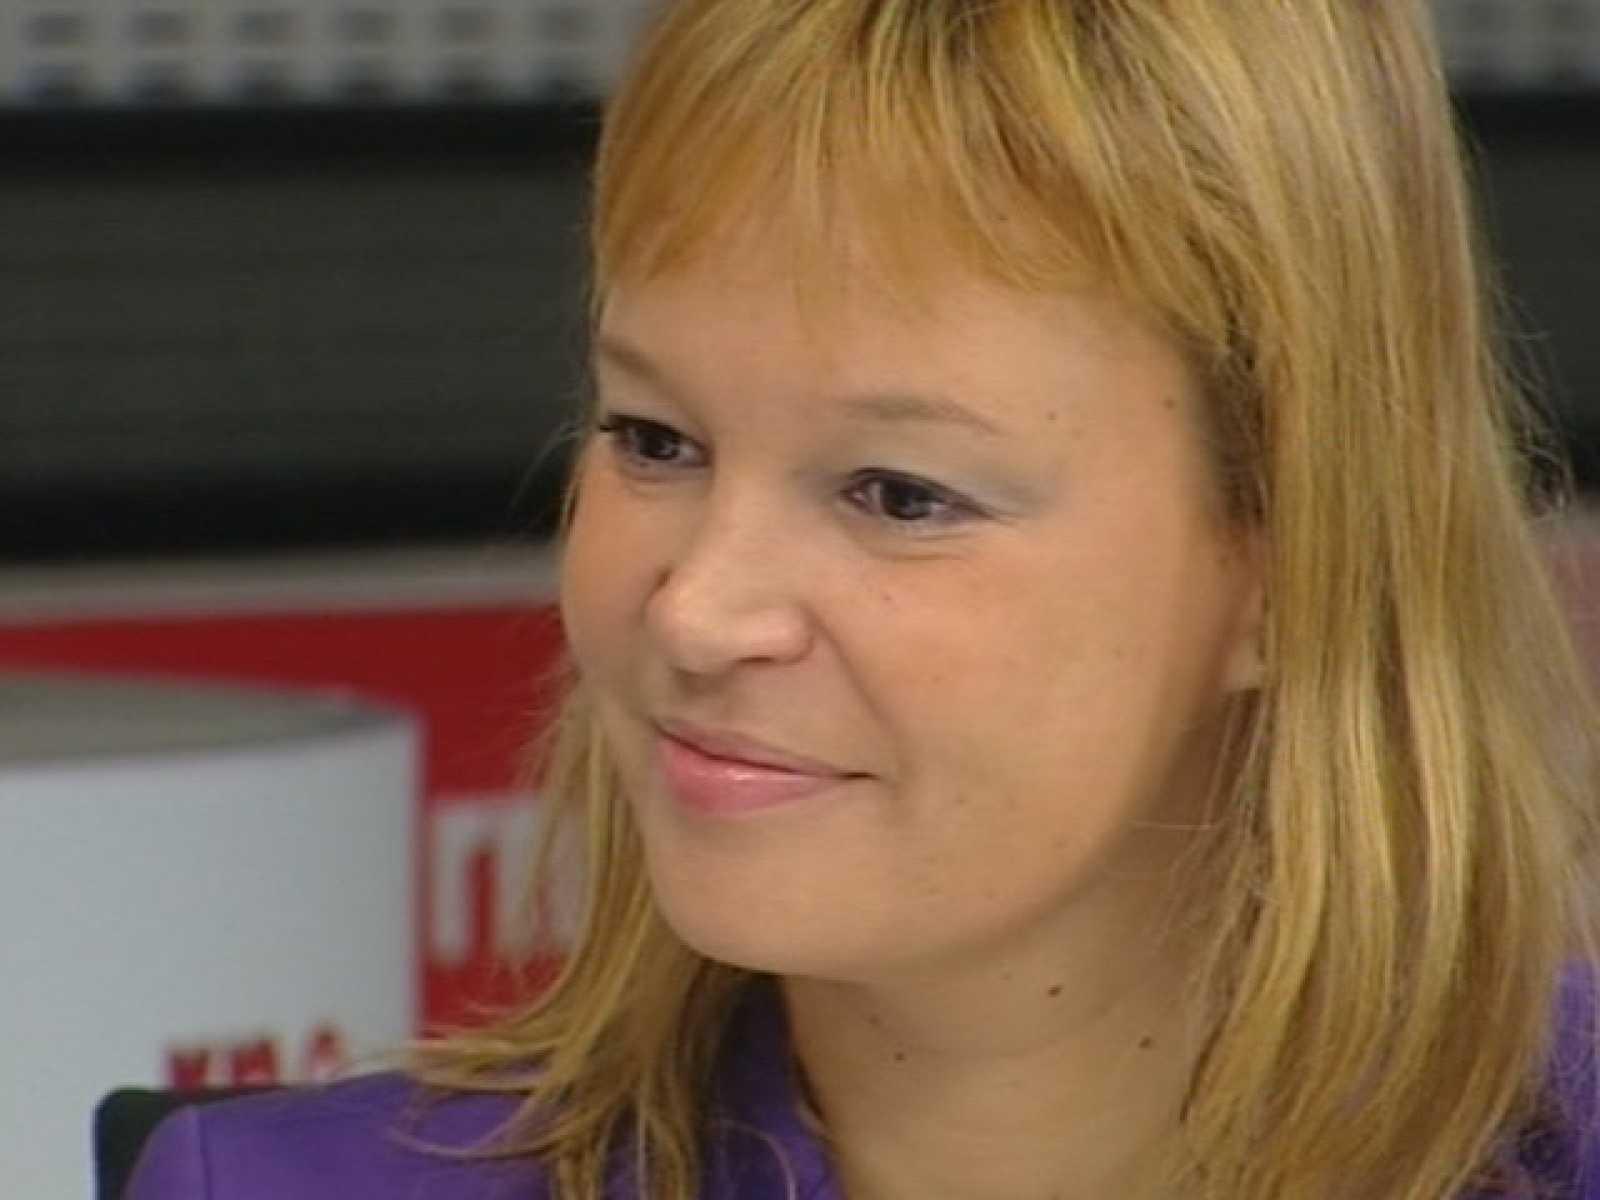 Sigue la polémica por las declaraciones del alcalde de Valladolid, del PP, contra Leire Pajín